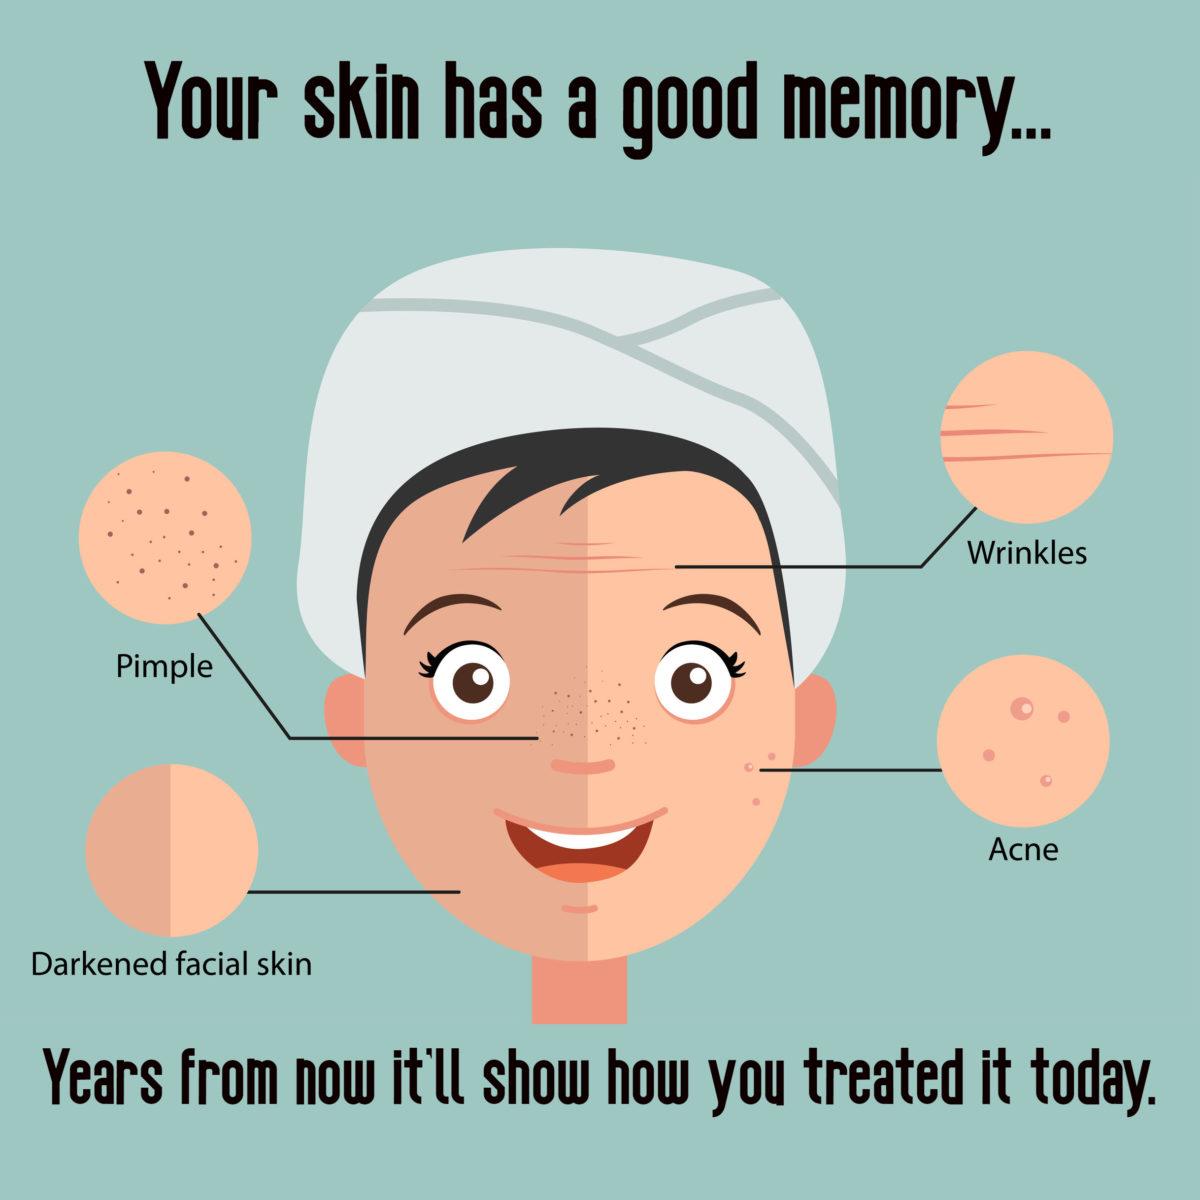 Vitamin C Serum Skin Memory